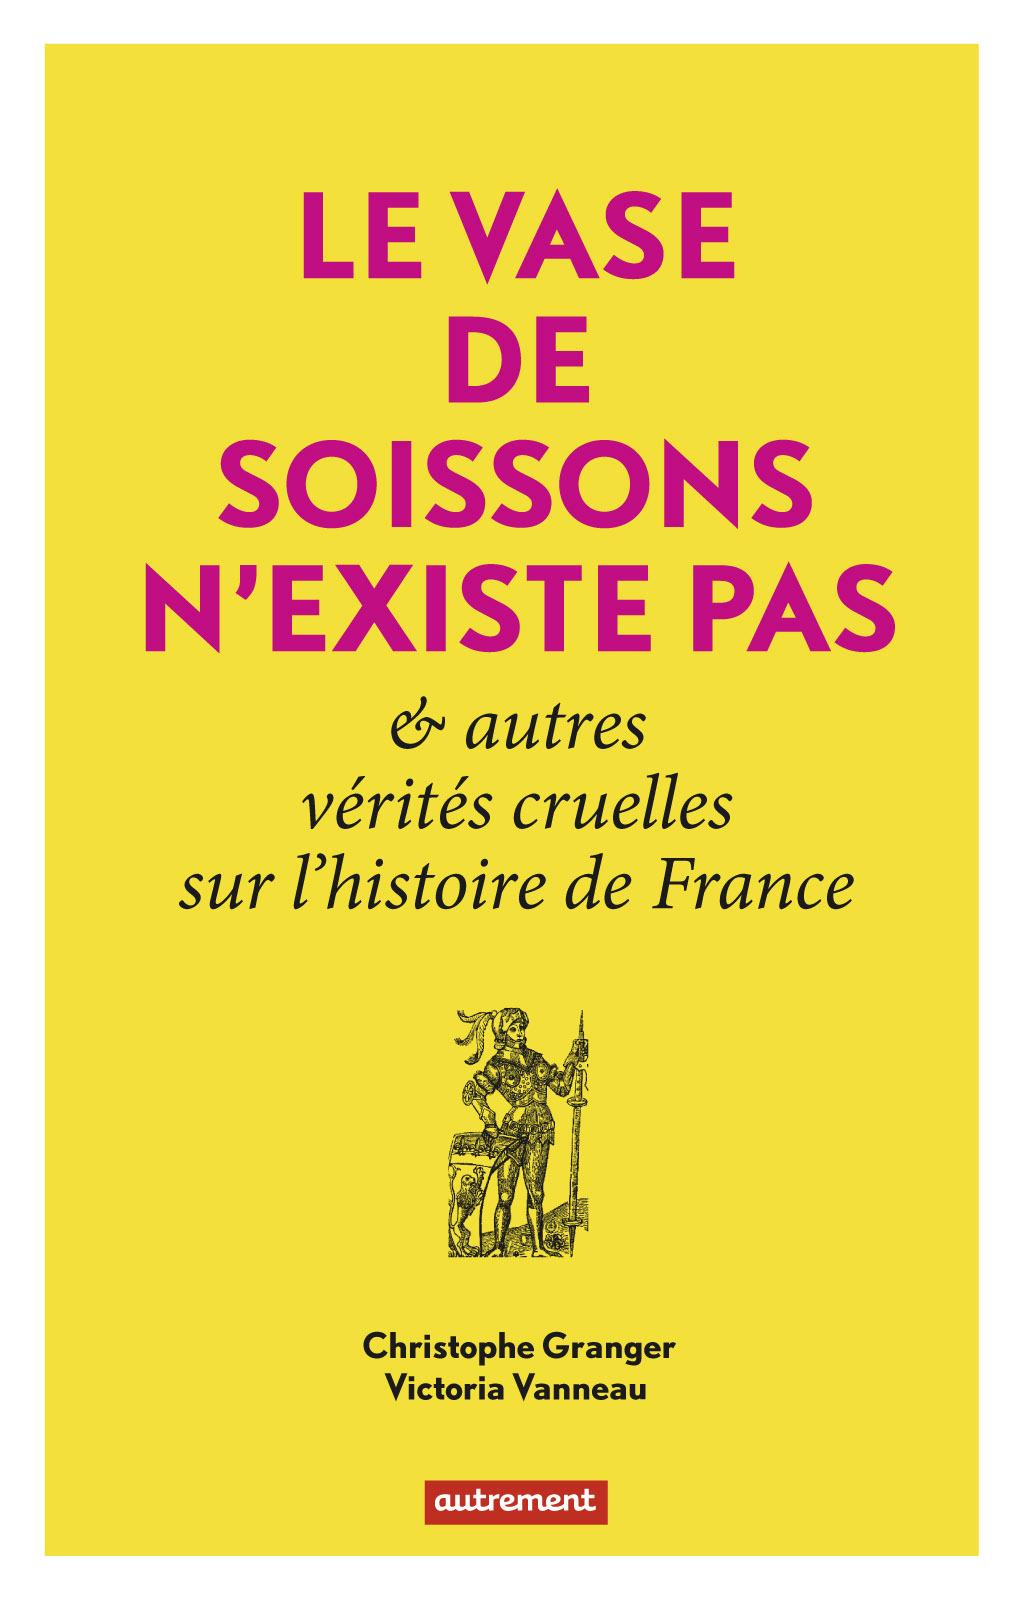 Le Vase de Soissons n'existe pas, ET AUTRES VÉRITÉS CRUELLES DE L'HISTOIRE DE FRANCE